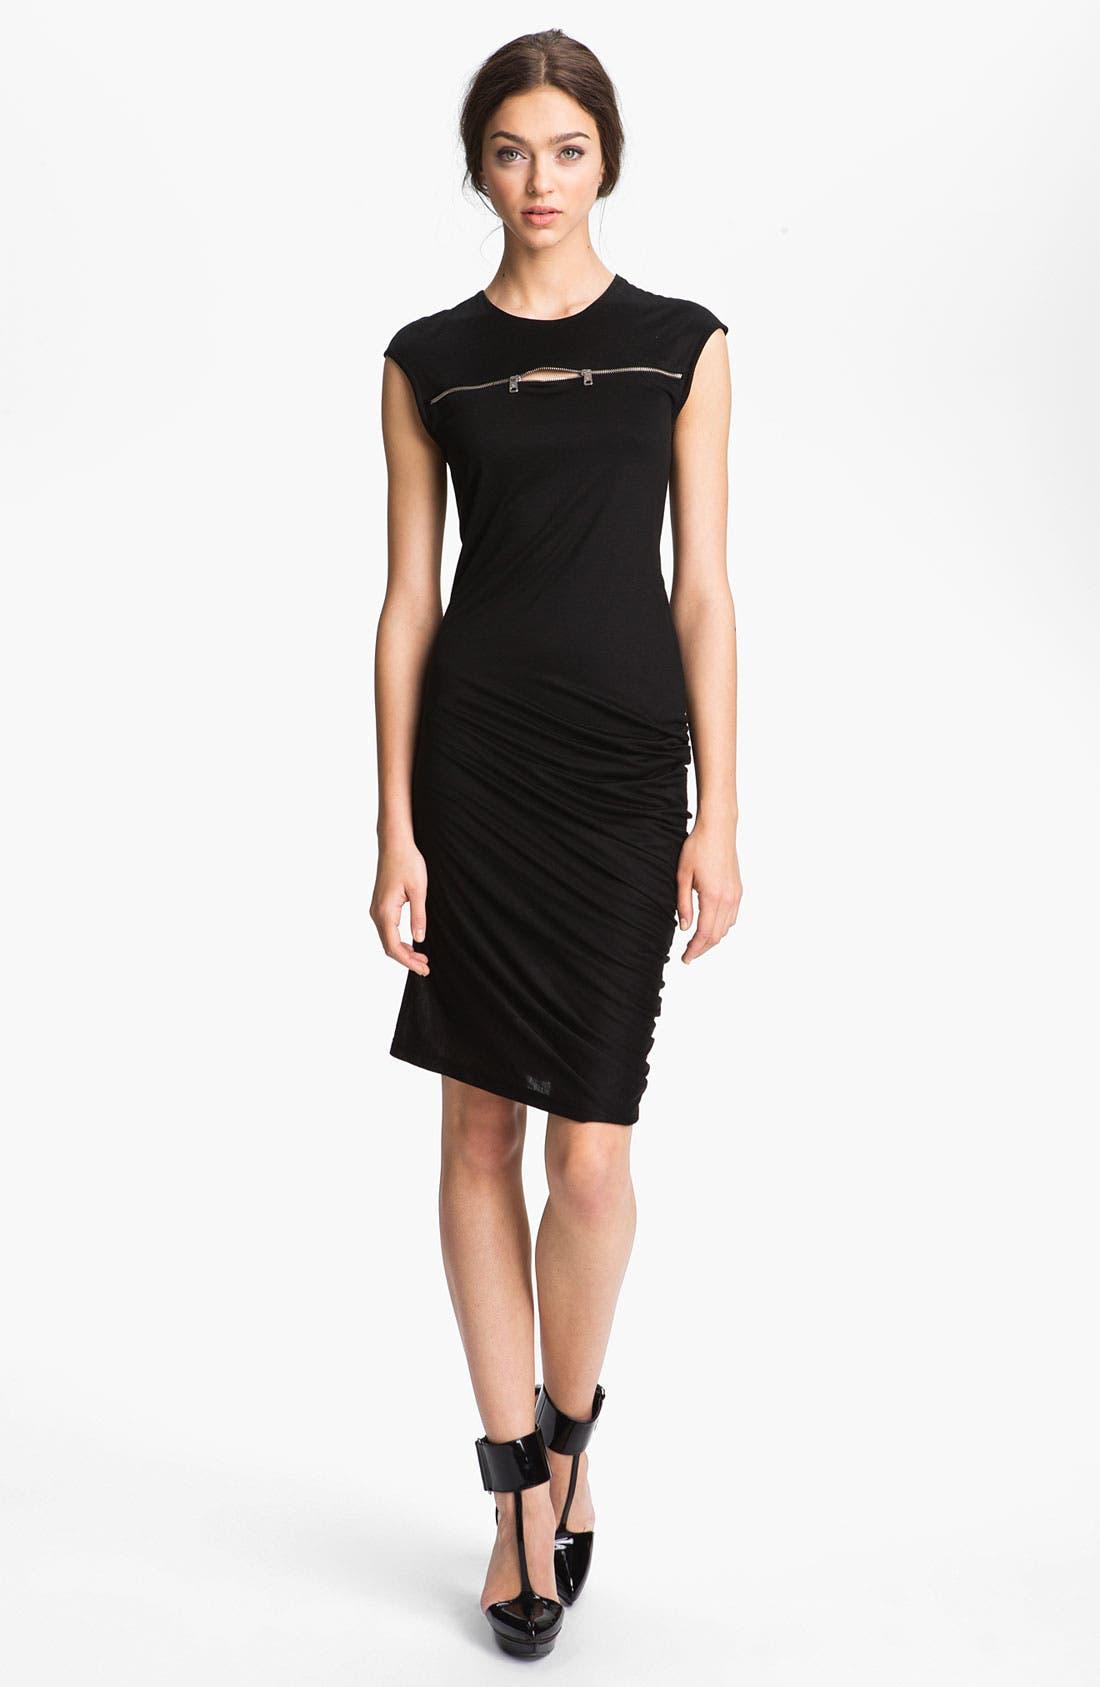 Main Image - McQ by Alexander McQueen Zip Detail Knit Dress